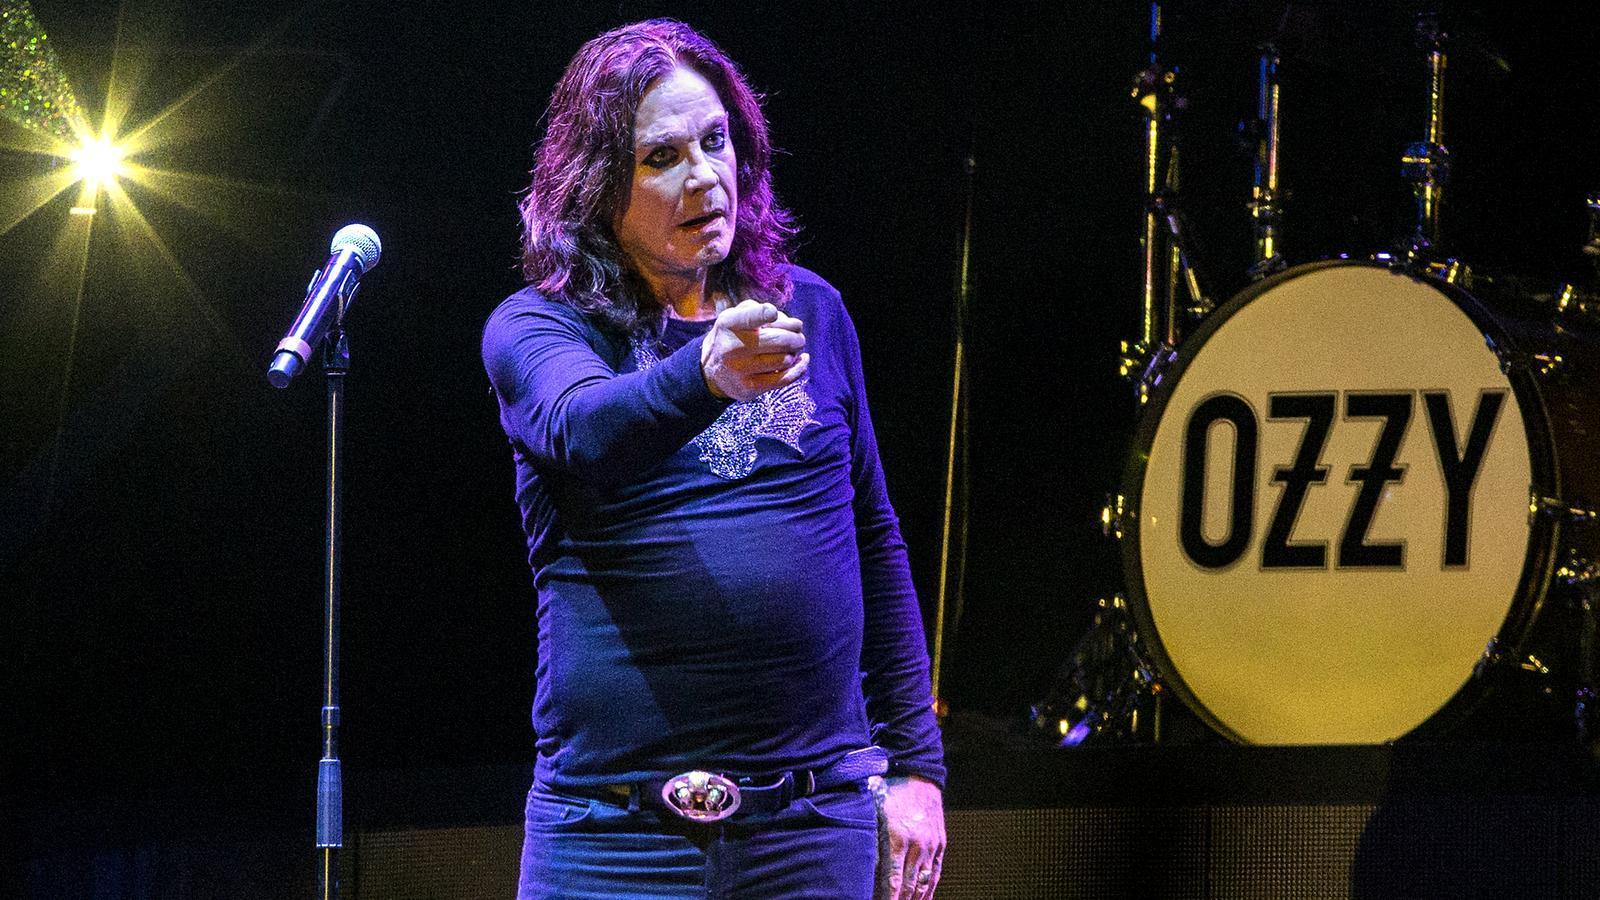 Ozzy Osbourne cancel·la el concert a Barcelona i la gira europea per problemes mèdics